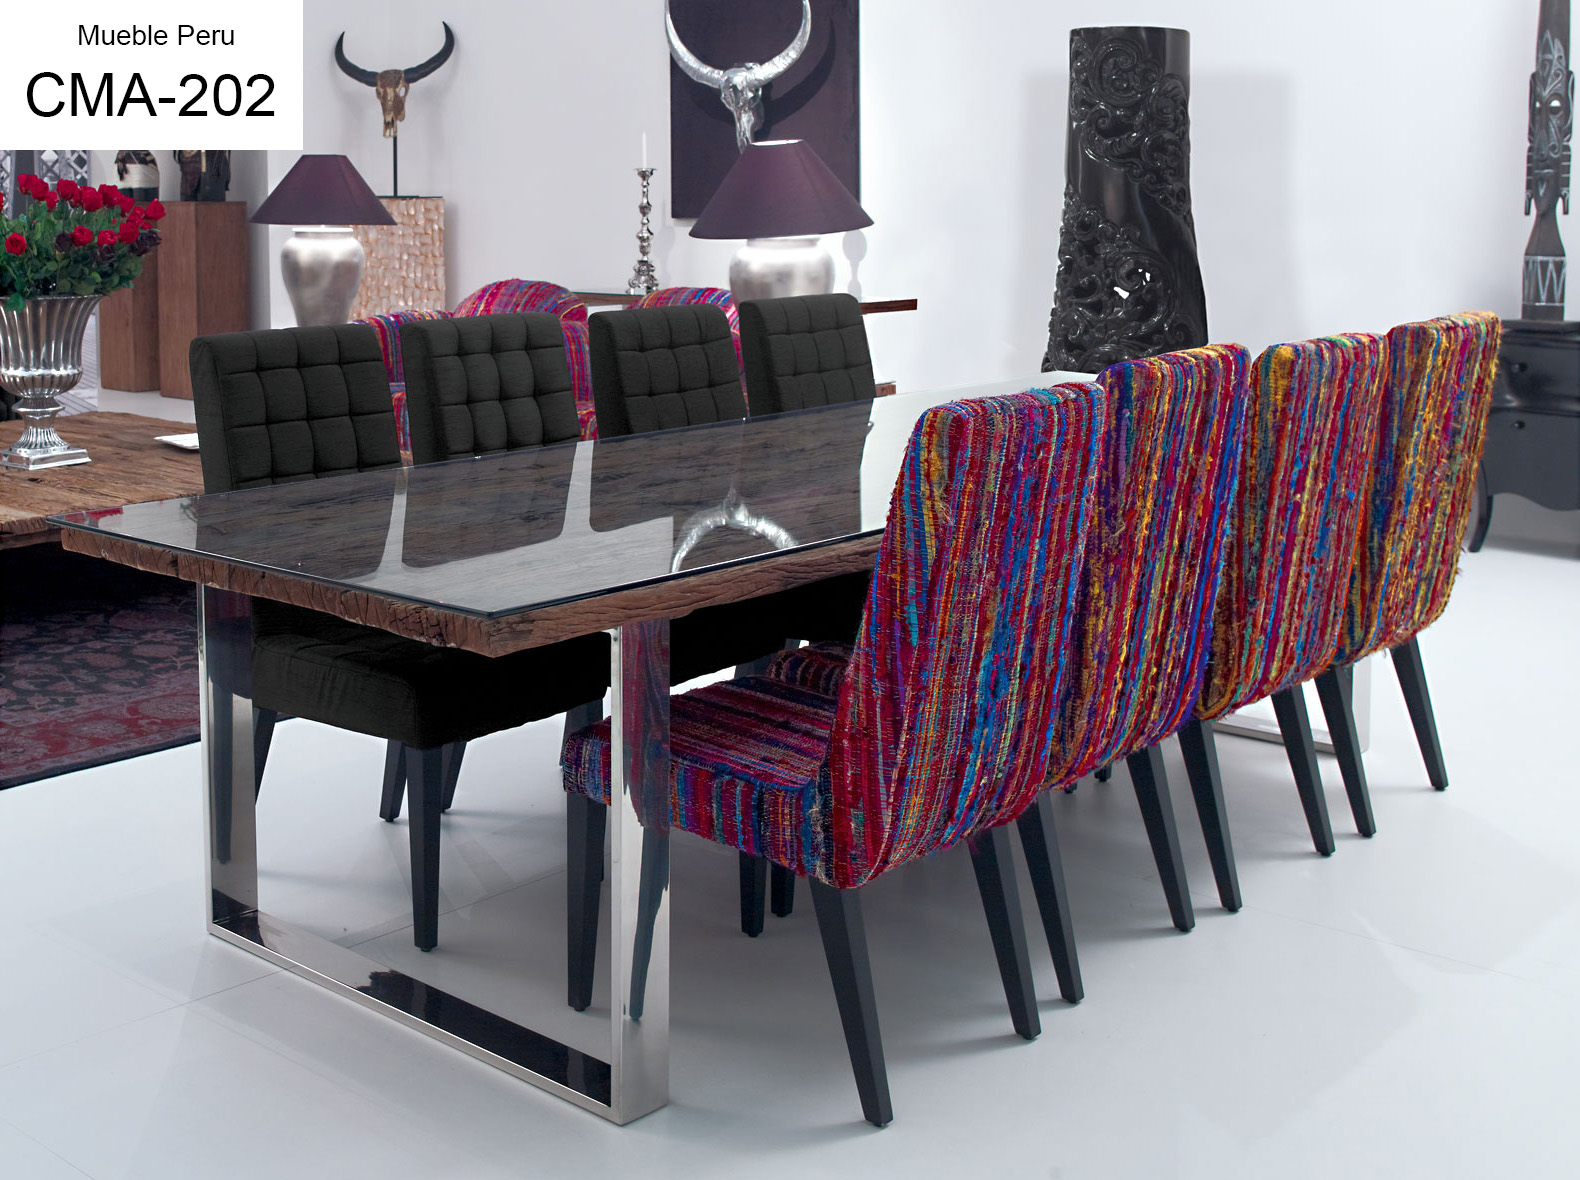 Muebles pegaso modernos muebles de comedor - Muebles modernos para comedor ...